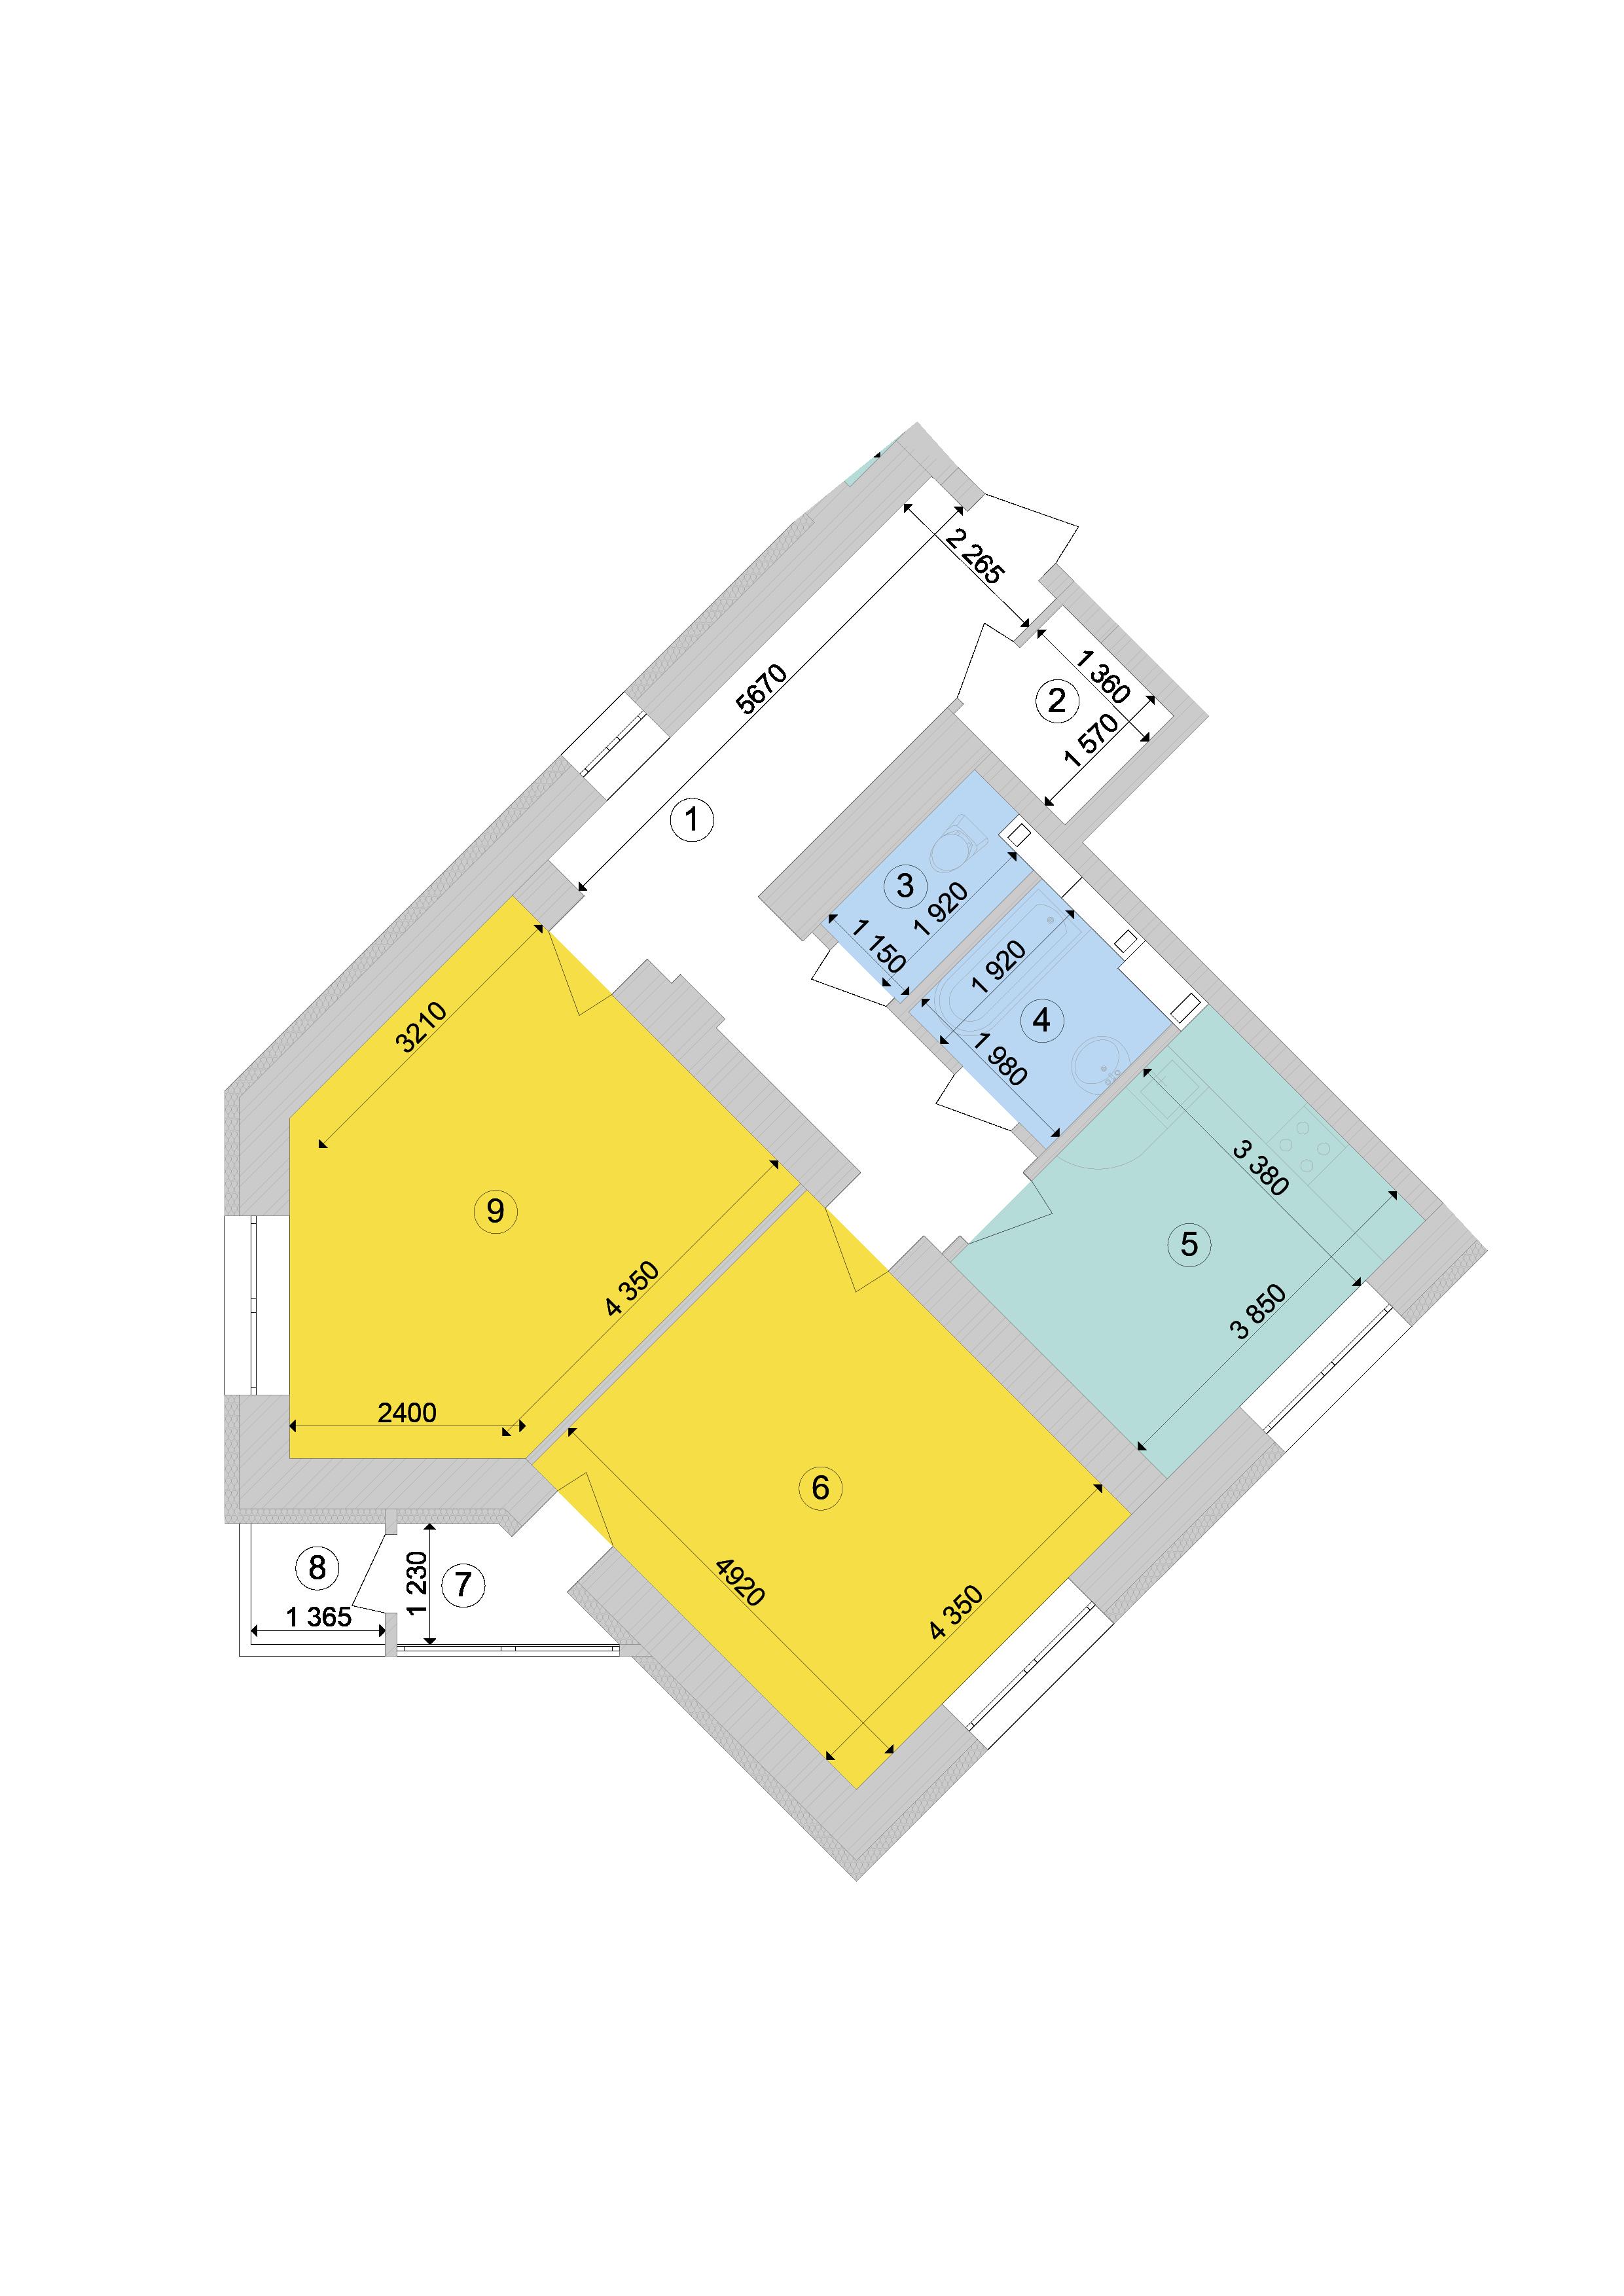 Купити Двокімнатна квартира 81,93 кв.м., тип 2.8, будинок 1, секція 9 в Києві Голосіївський район